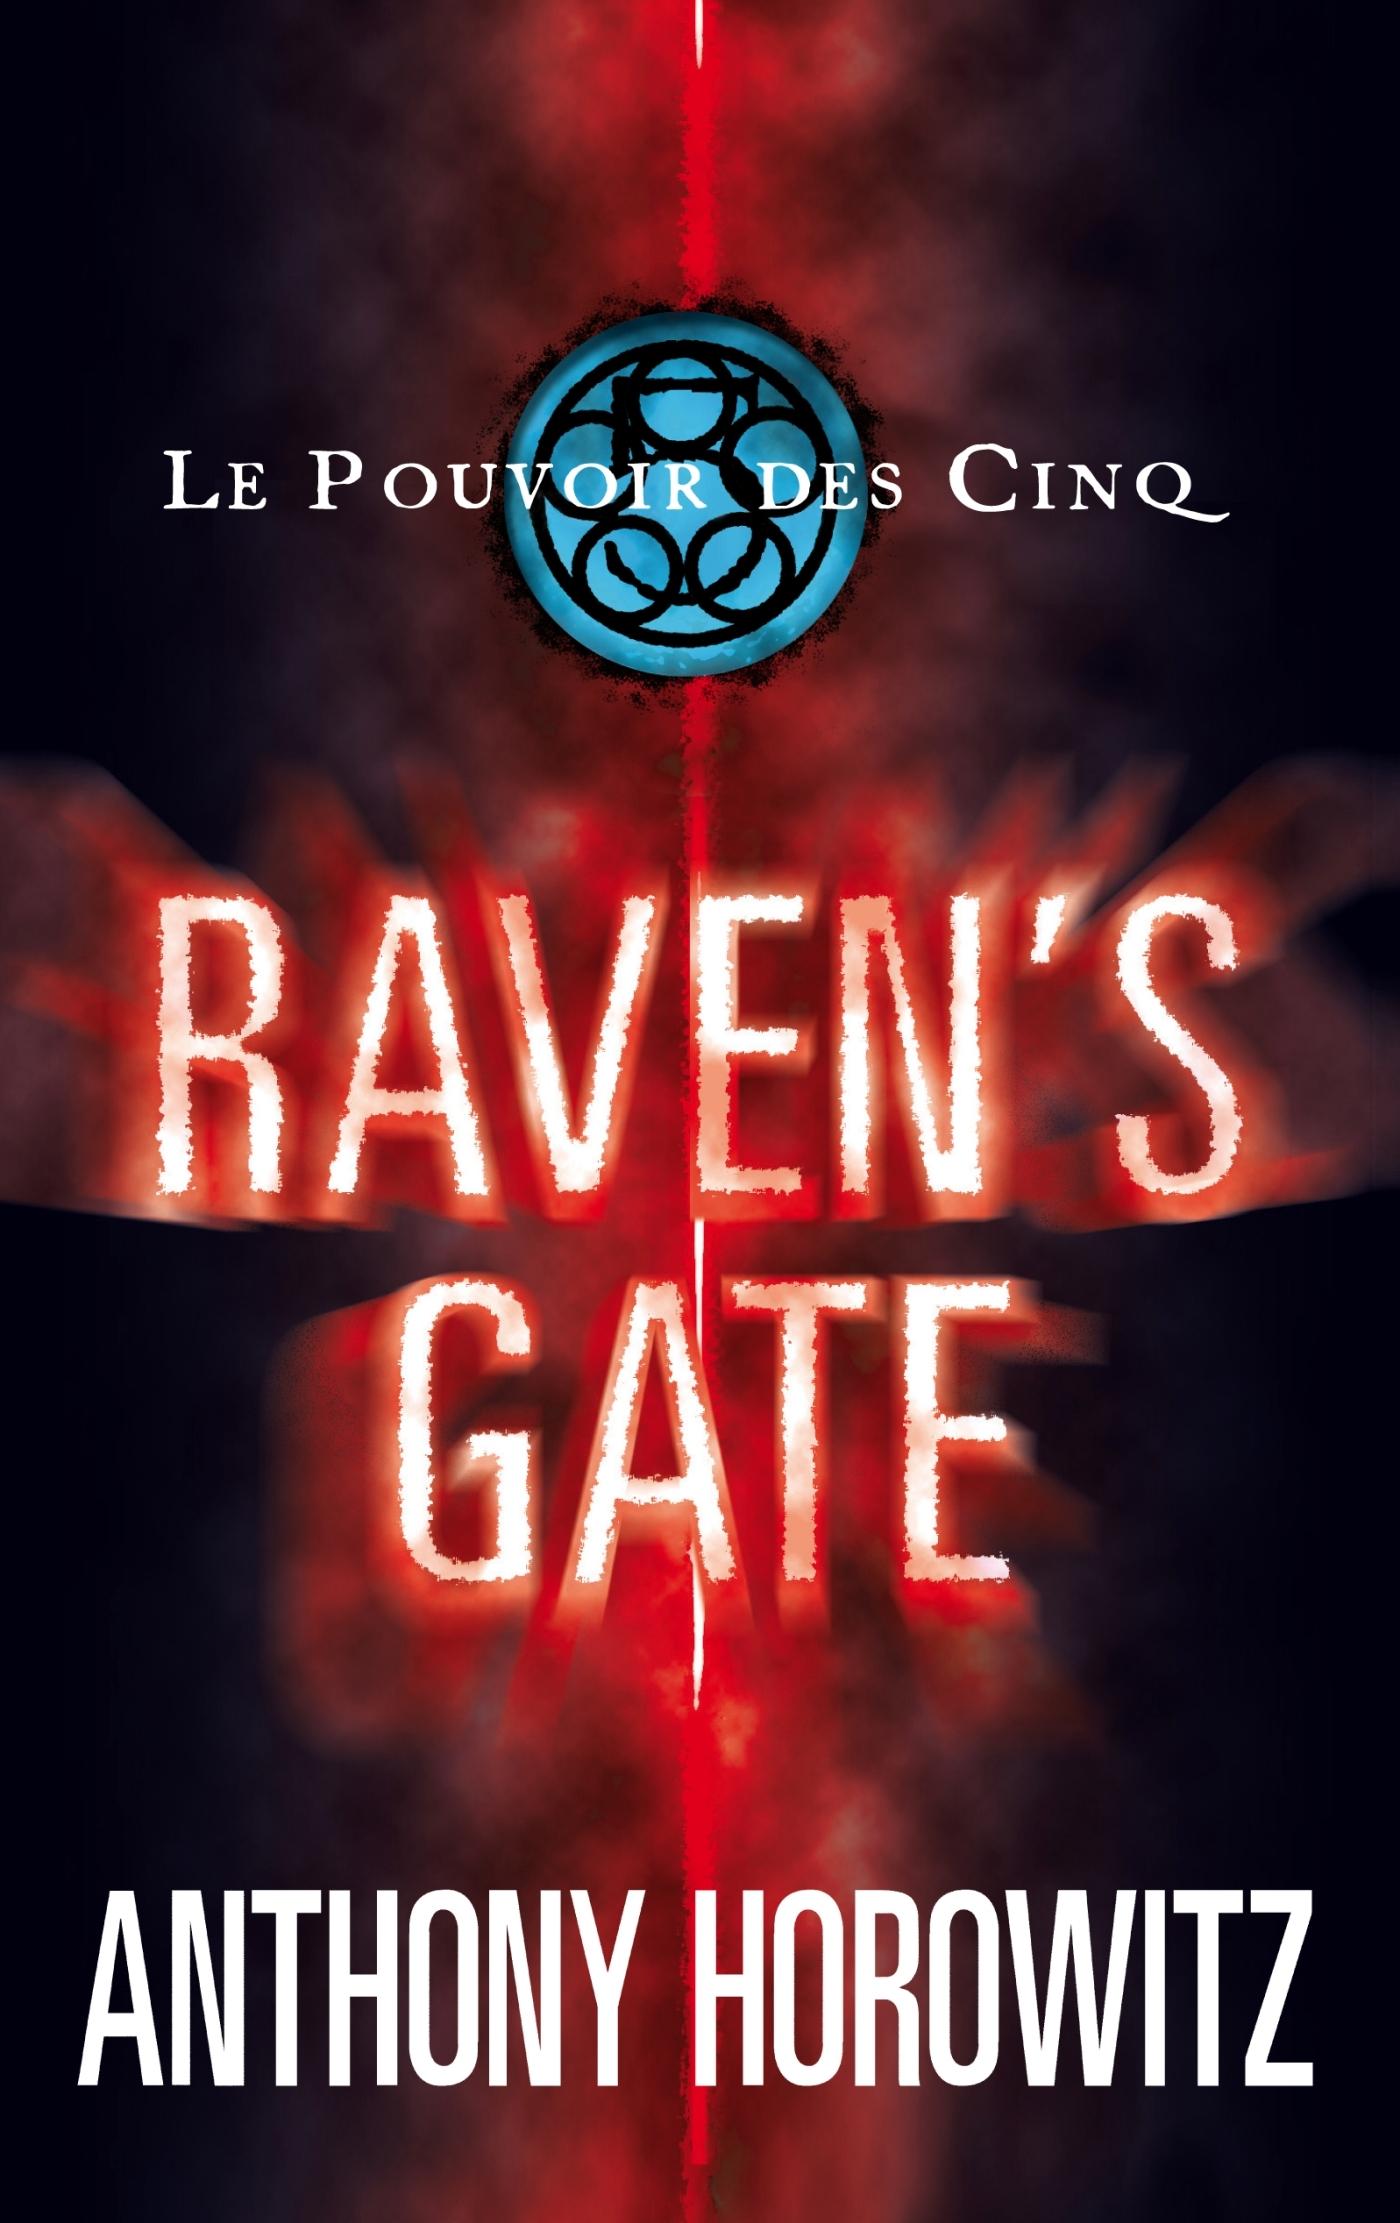 Le pouvoir des Cinq 1- Raven's gate